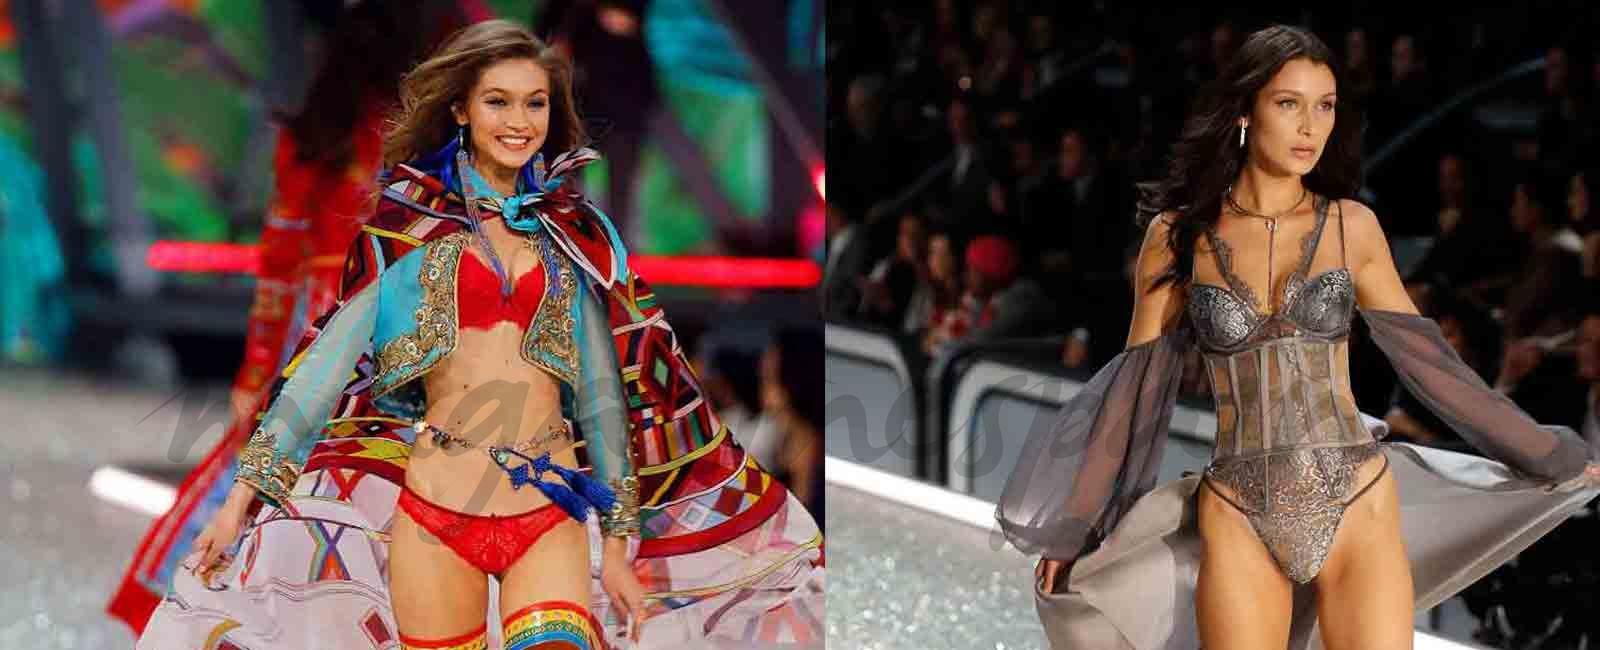 Gigi y Bella Hadid serán de nuevo «ángeles» de Victoria's Secret